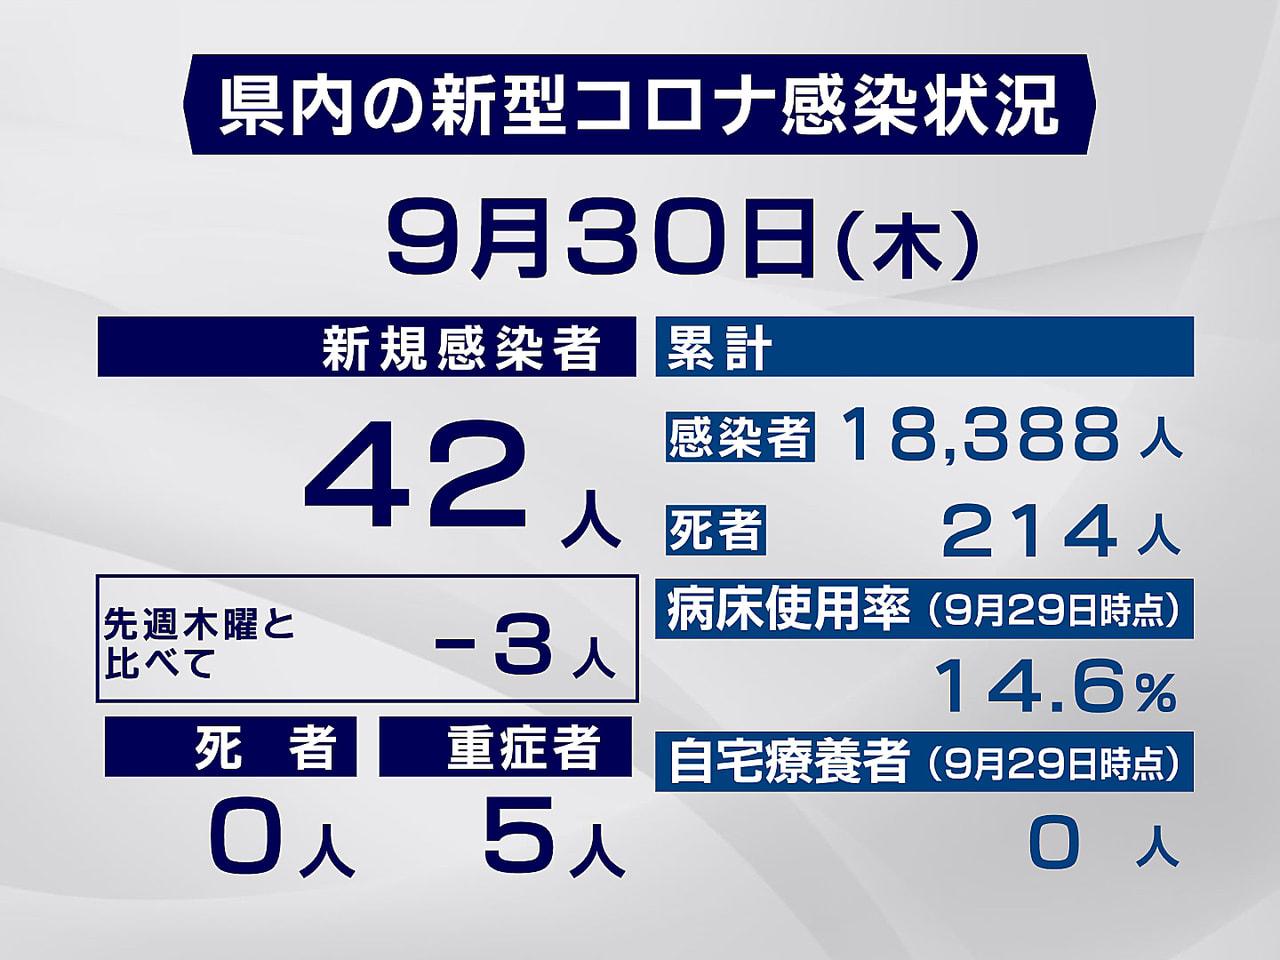 岐阜県と岐阜市は30日、新型コロナウイルスの感染が新たに42人確認されたと発表し...